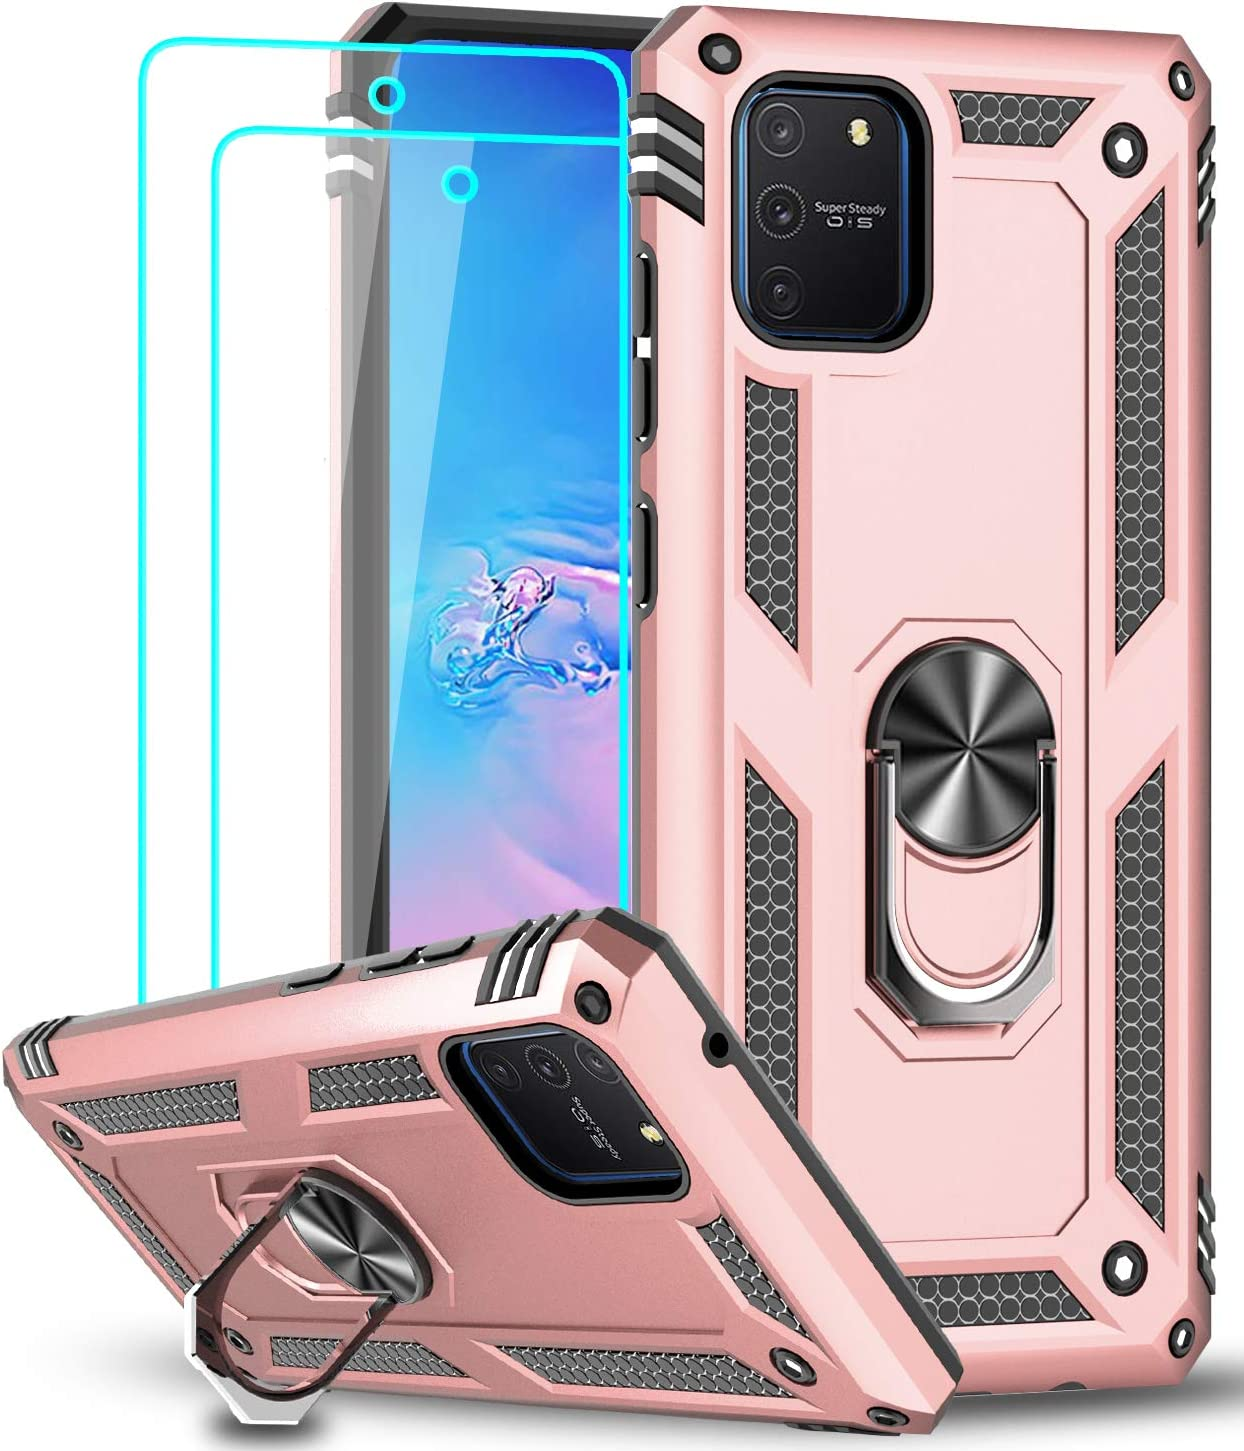 LeYi Funda Samsung Galaxy S10 Lite / A91 con [2-Unidades] Cristal Vidrio Templado,Armor Carcasa con 360 Grados Anillo iman Soporte Hard PC Silicona TPU Bumper Antigolpes Case para Movil A91,Oro Rosa